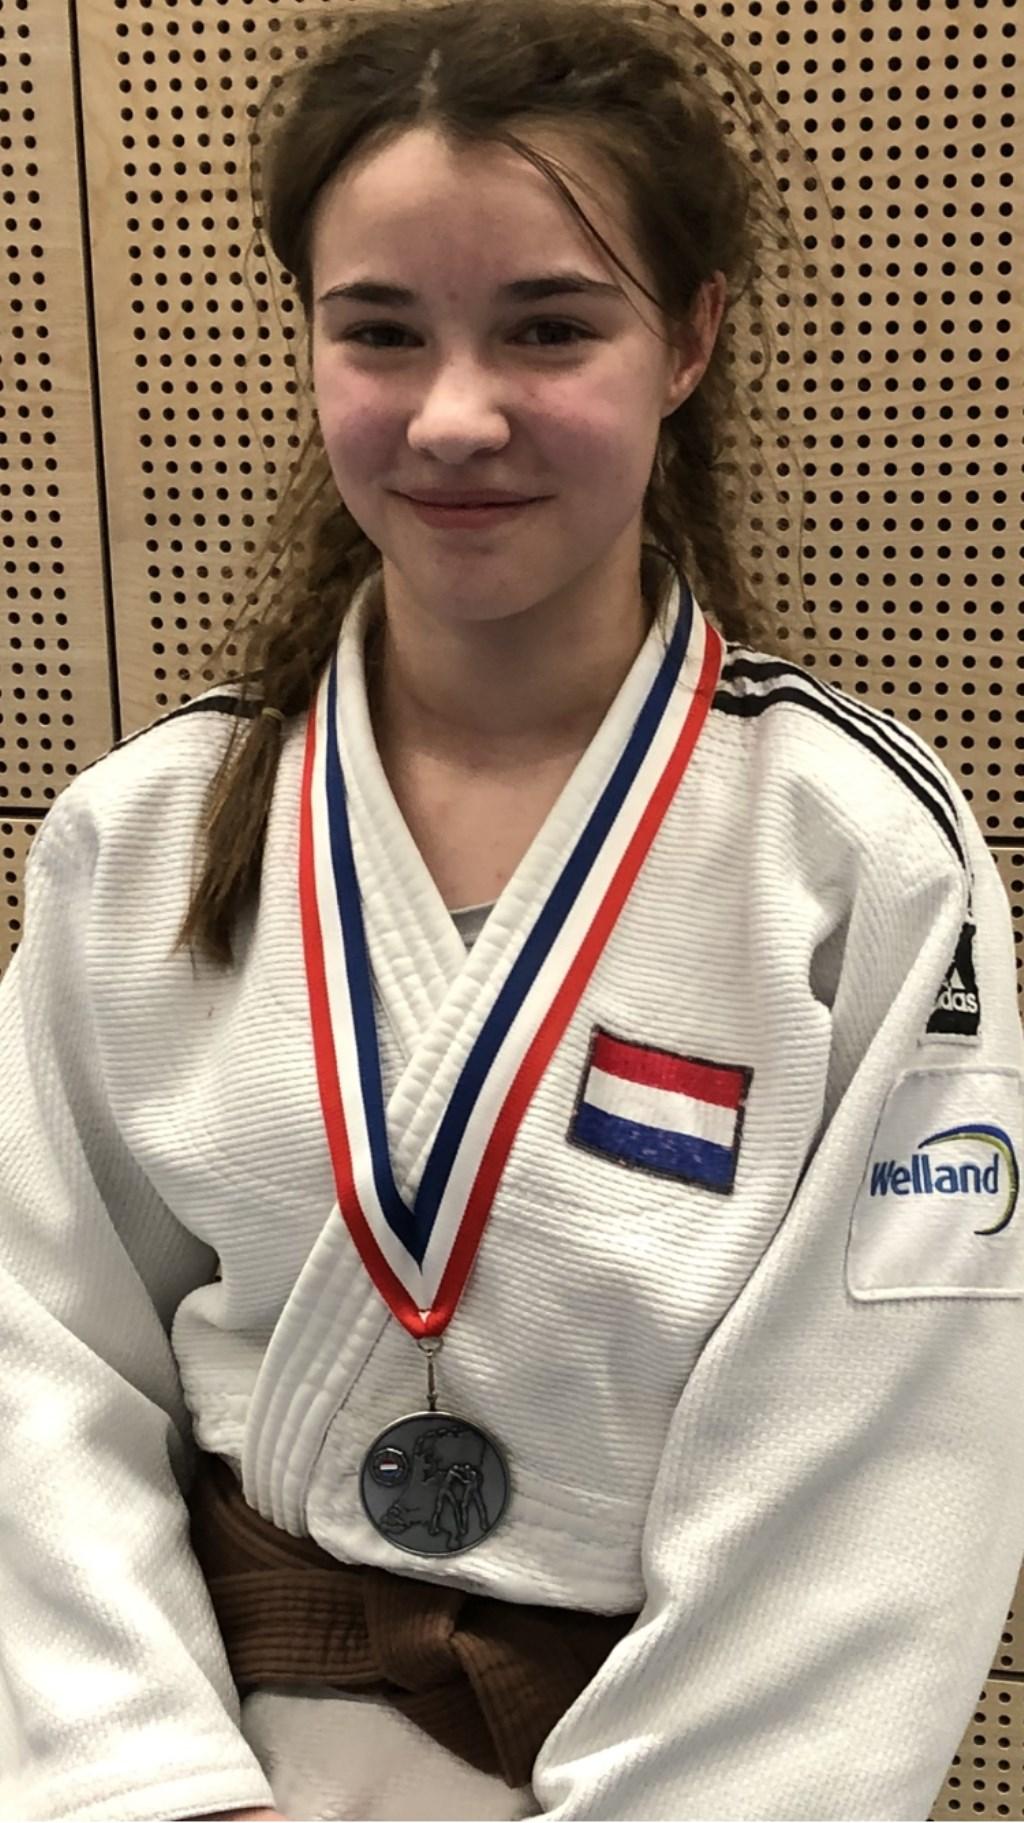 Mirthe van Kerkhof met haar vijfde NK -medaille. (foto: Michiel van Kerkhof)